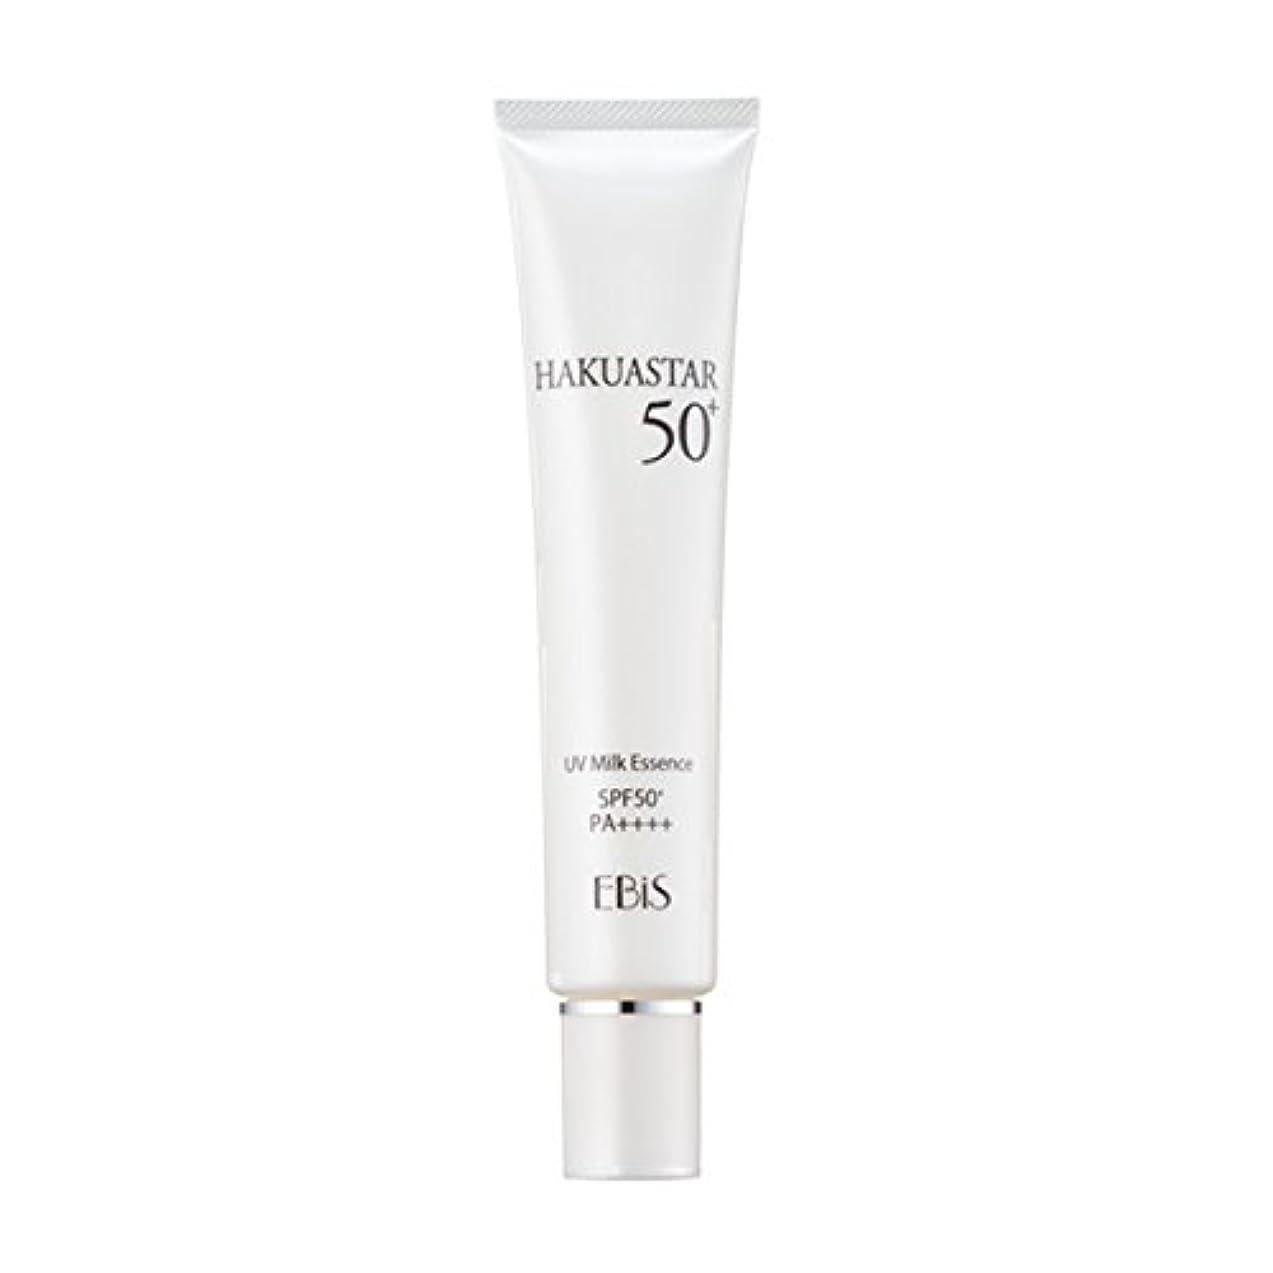 ポスター上院議員アンカーエビス化粧品(EBiS) ハクアスター 40g SPF50PA+++ UVクリーム(日焼け止め)日本製 紫外線対策 化粧下地としても使える